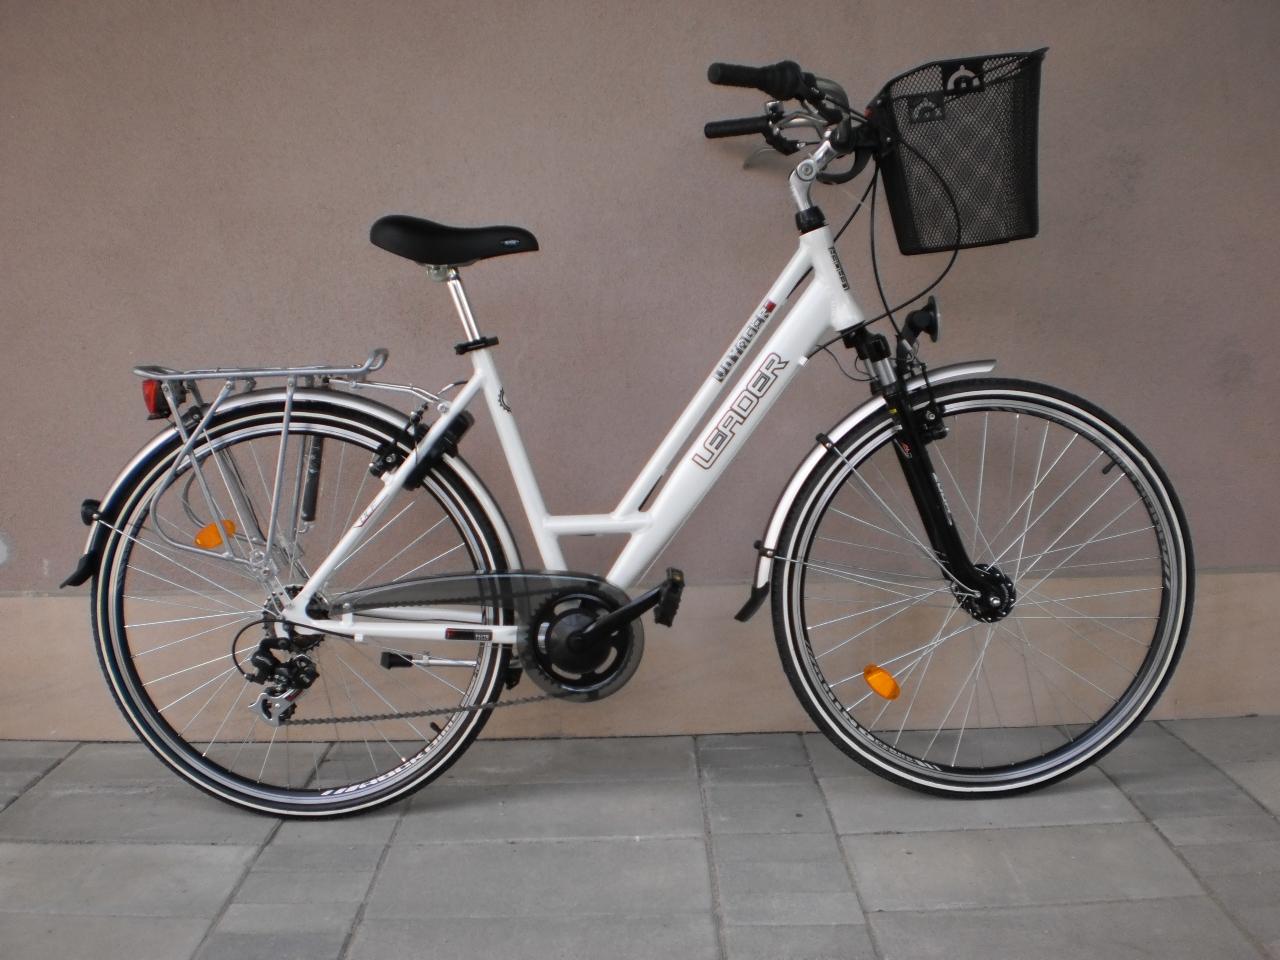 f3635a51225 Магазин за нови и употребявани велосипеди. Колелета нови и втора ...